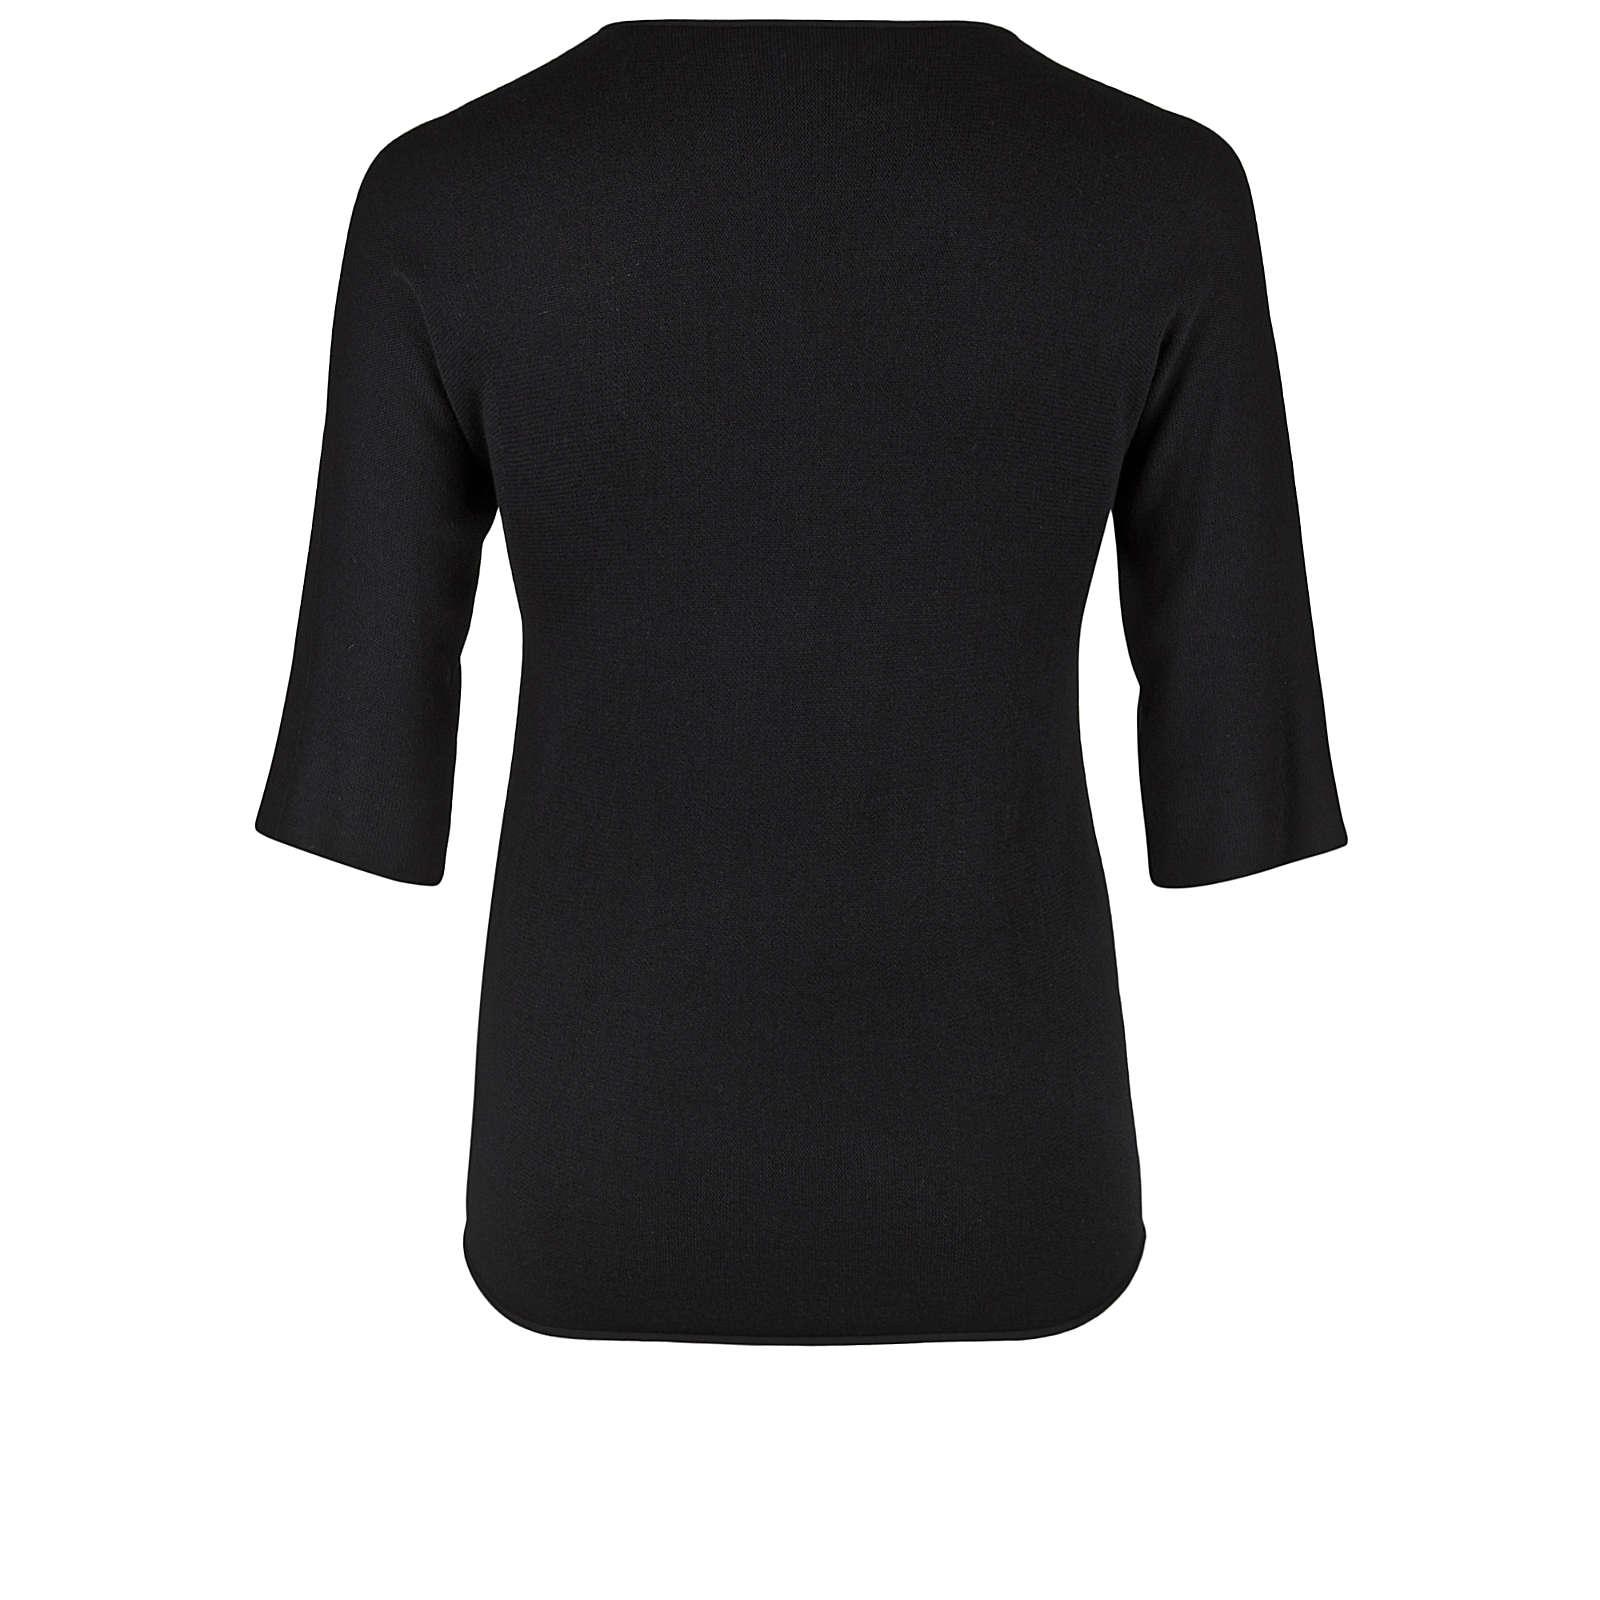 Doris Streich Pullover FEINSTRICKPULLOVER MIT 3/4-ARM Pullover schwarz Damen Gr. 44